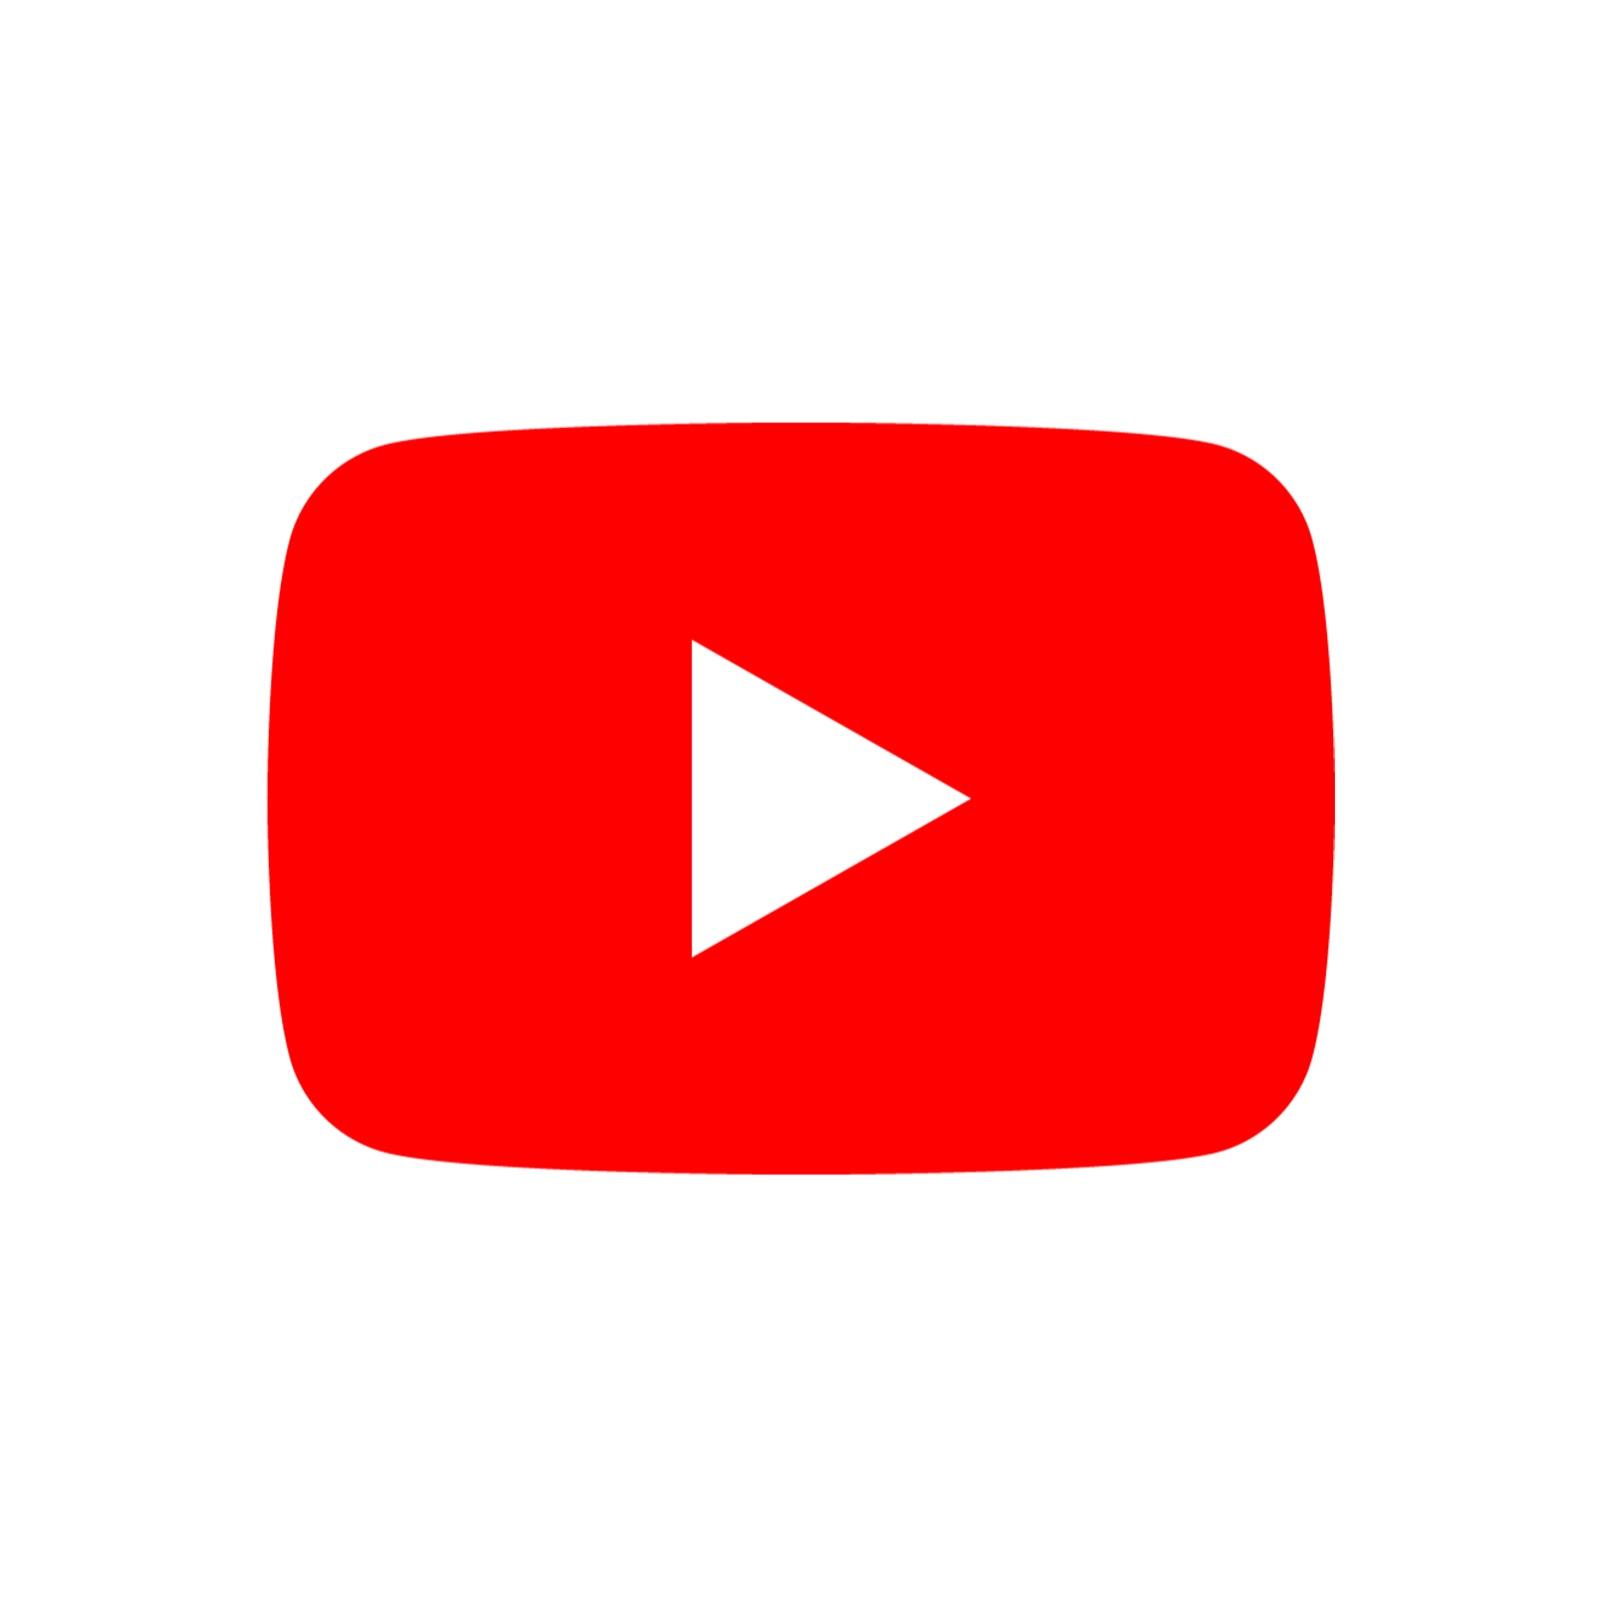 Youtube Returns